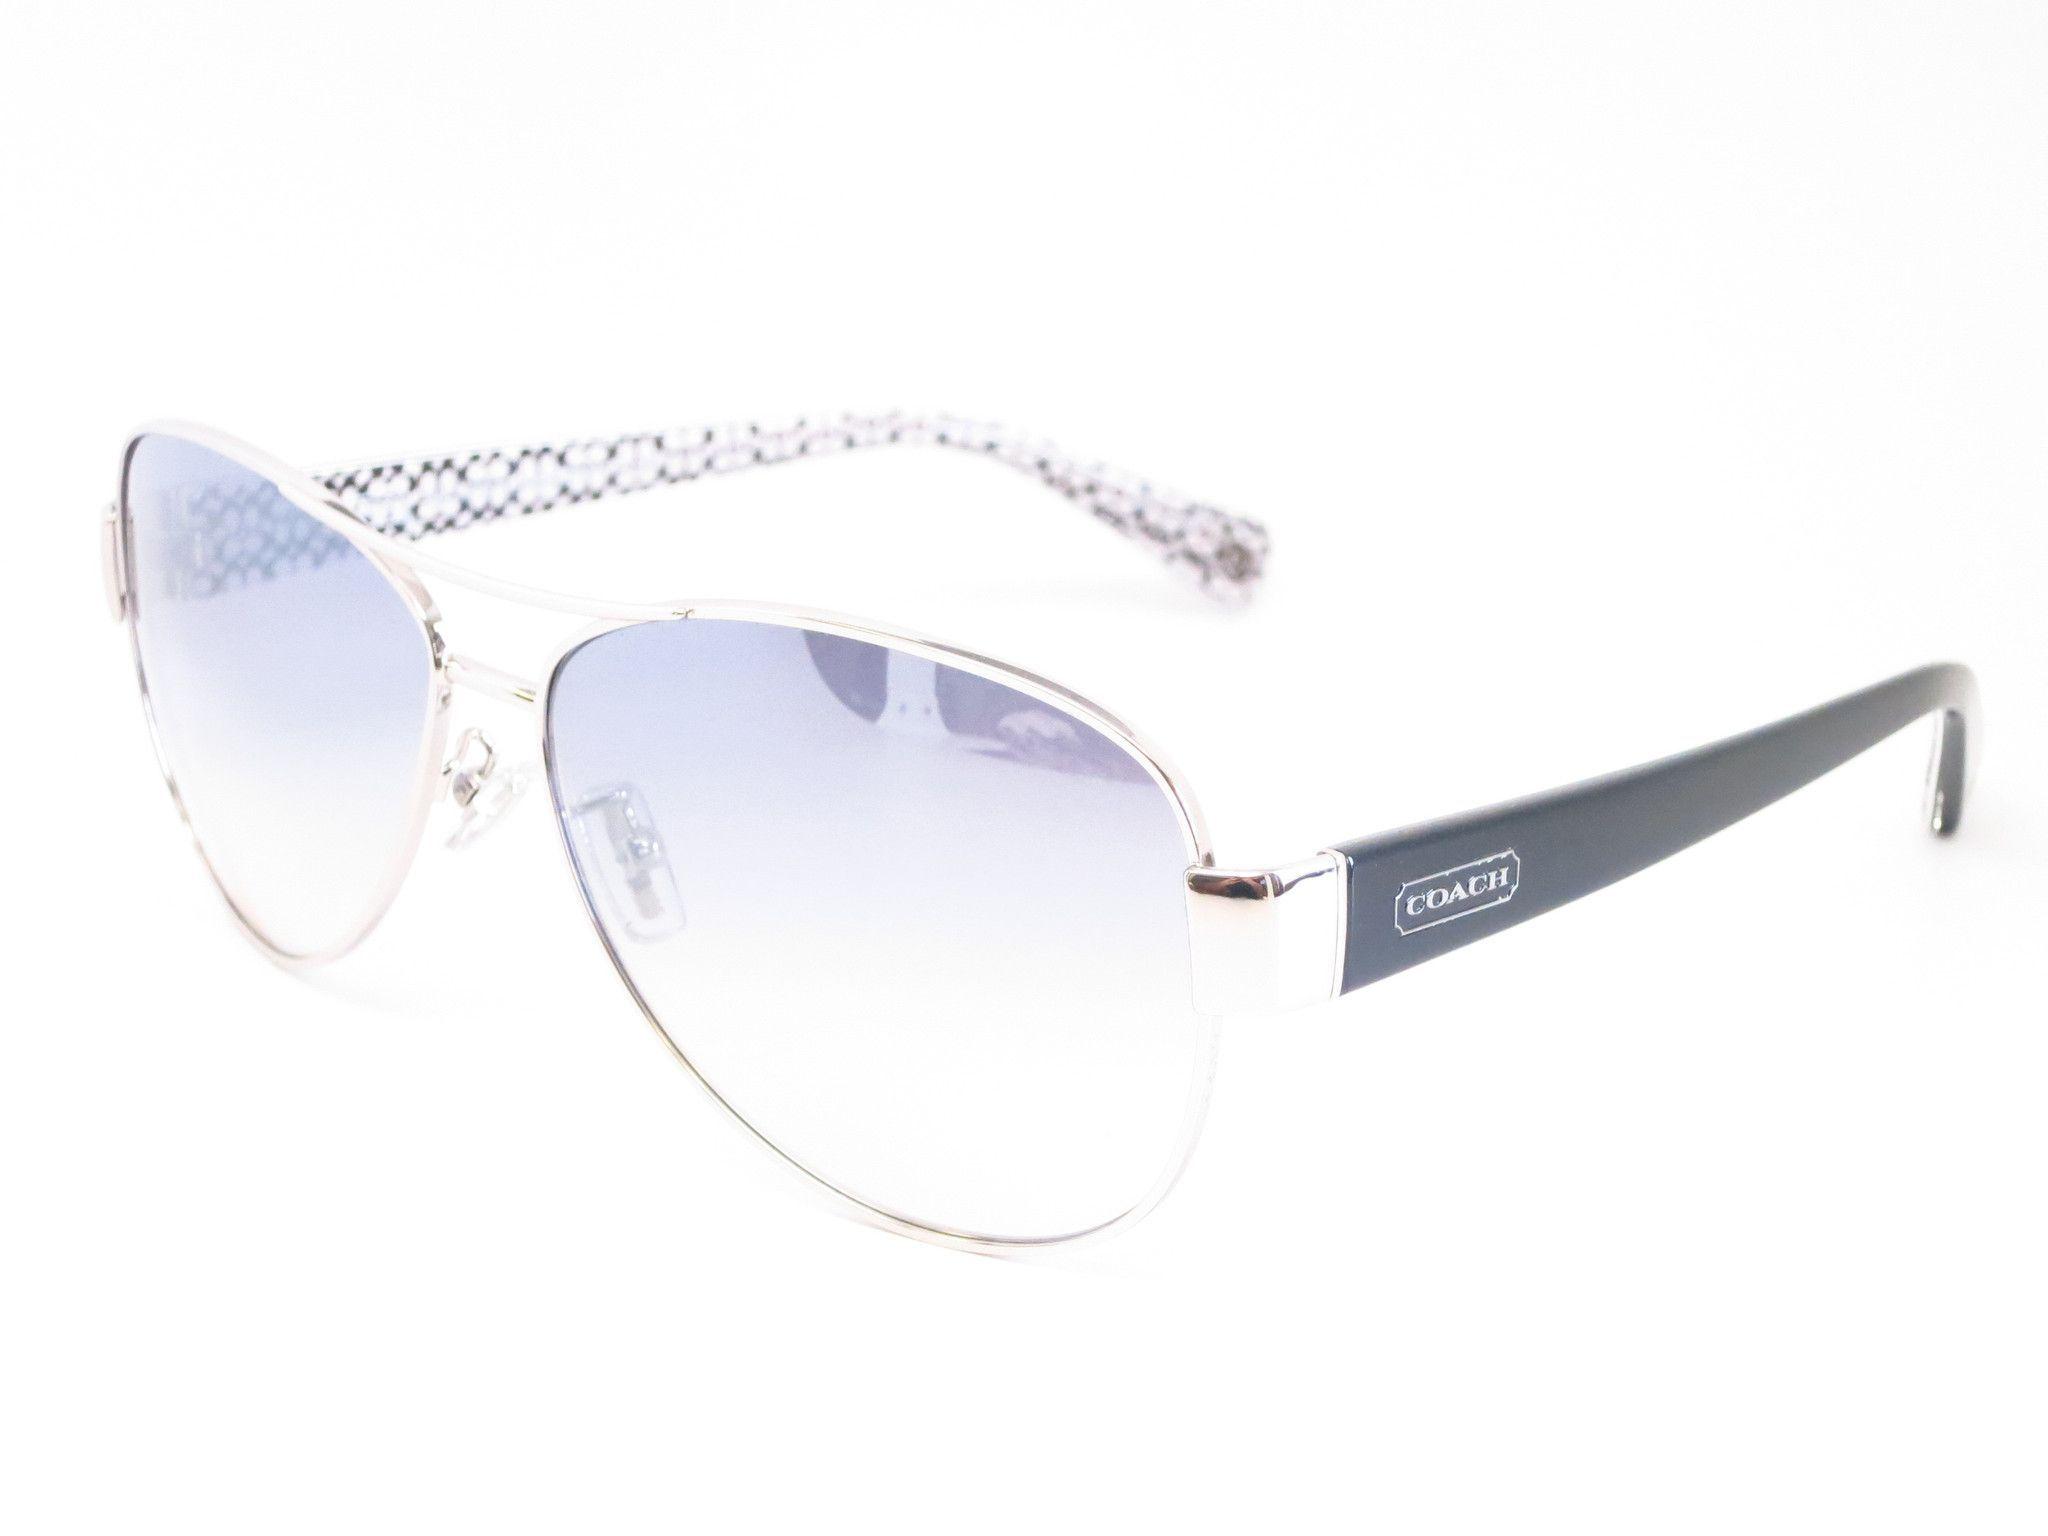 afa10e11b30bf denmark coach kristina sunglasses white 1ad58 5d715